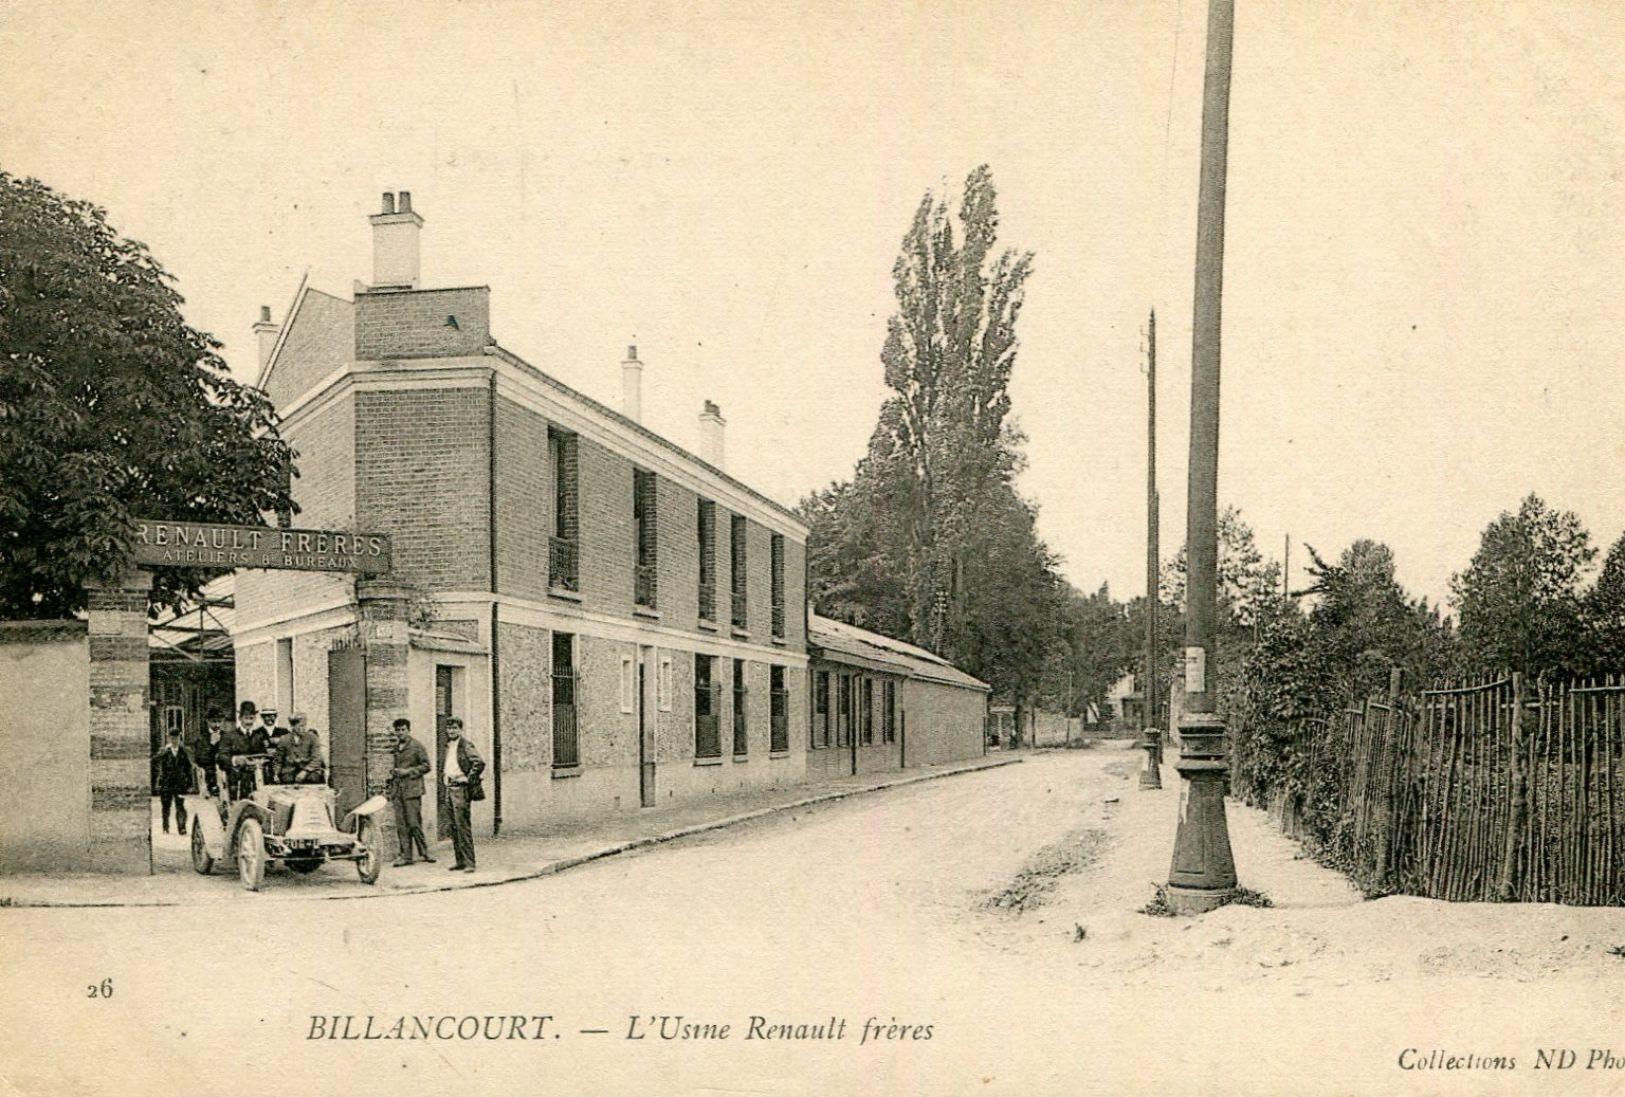 Entrée des usines Renault, vers 1900